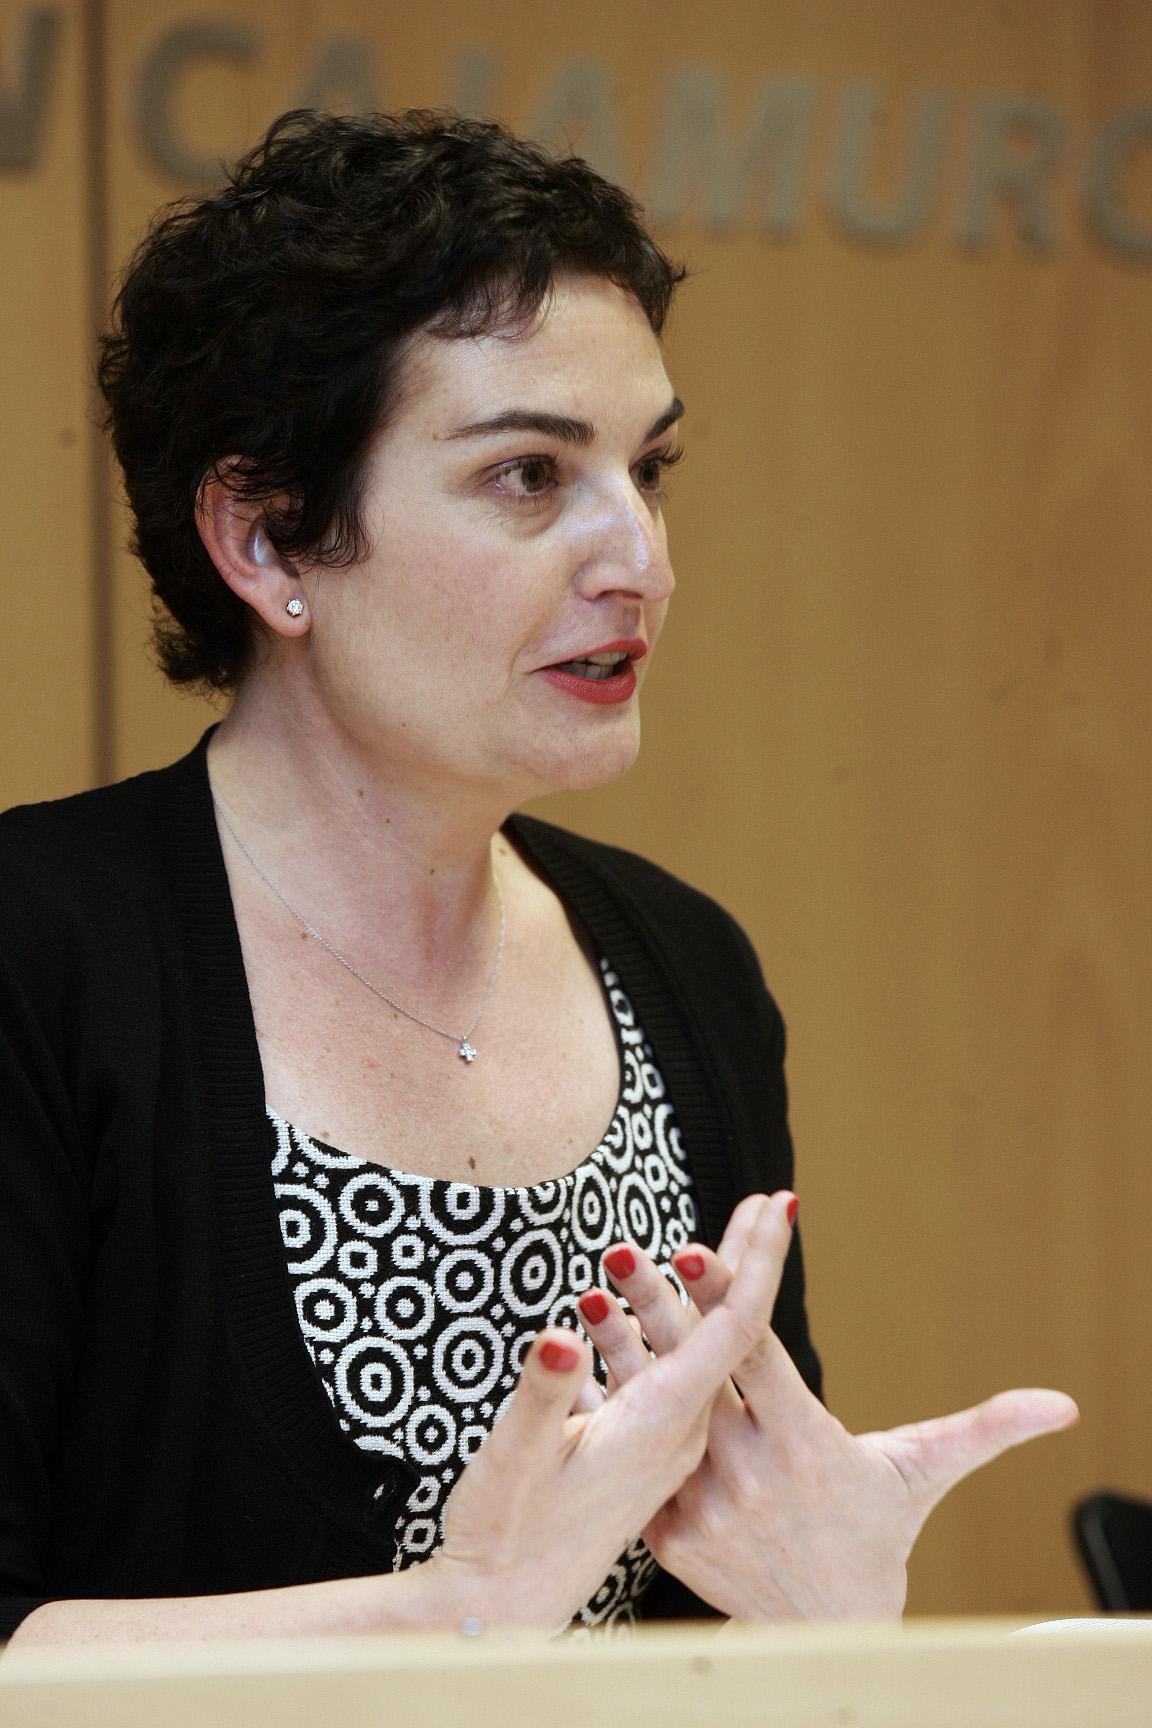 Murcia, 25.04.2007.- La doctora en derecho y experta en propiedad intelectual, Paz Soler, durante su ponencia en las II Jornadas de Fotoperiodismo de la AIG, celebradas en el Centro Cultural Las Claras.